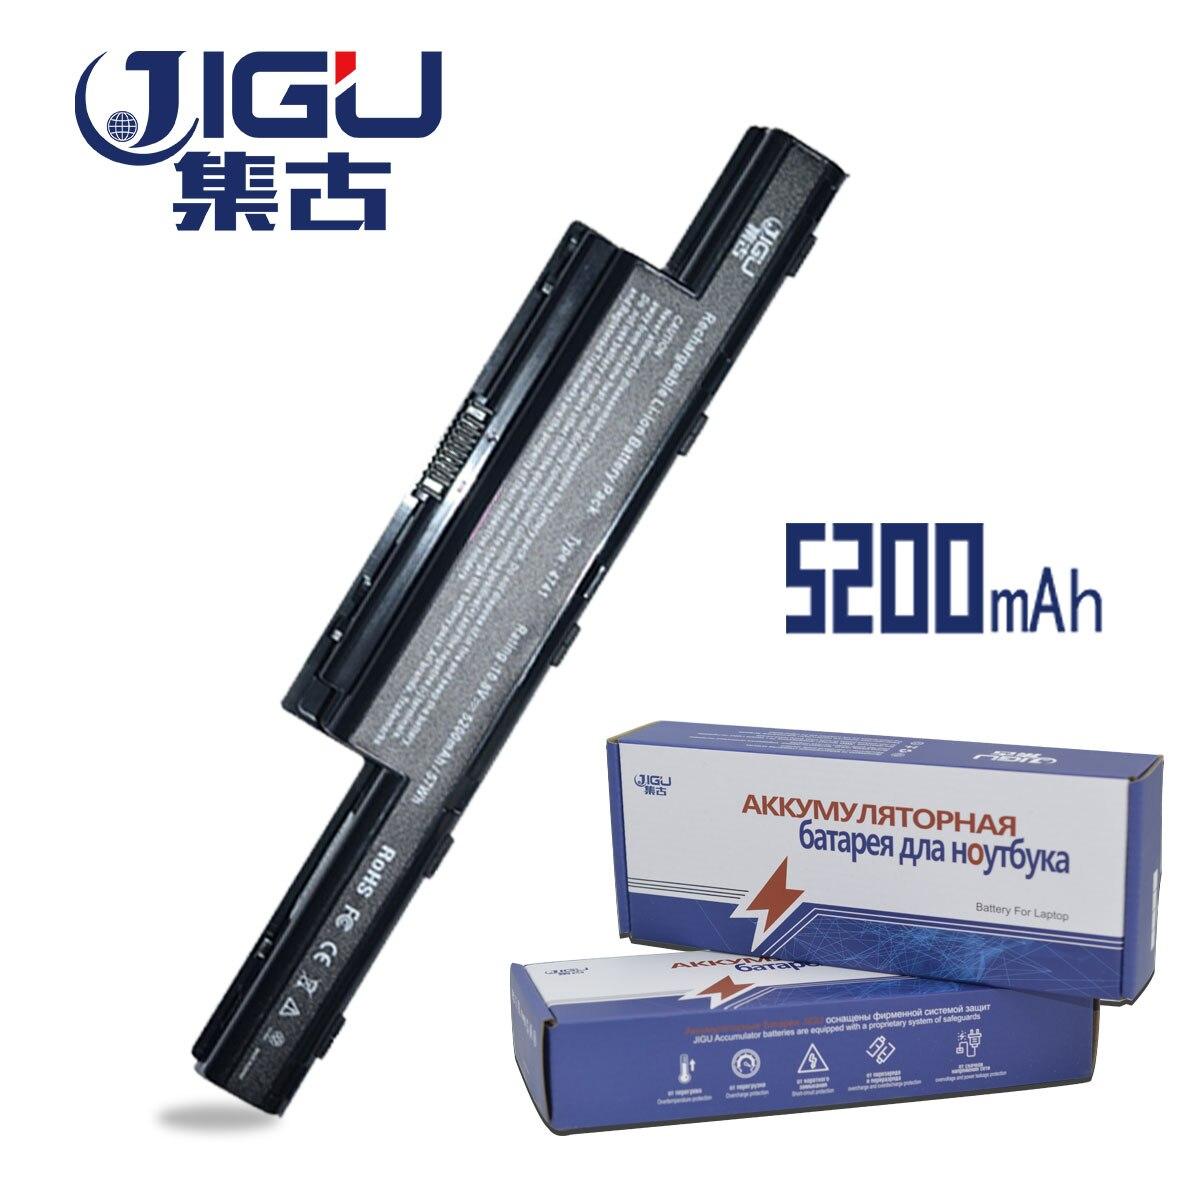 JIGU Batteria Del Computer Portatile Per Acer Aspire V3 5741 5742 5750 5551g 5560g 5741g 5750g AS10D31 AS10D51 AS10D61 AS10D71 AS10D75 AS10D81